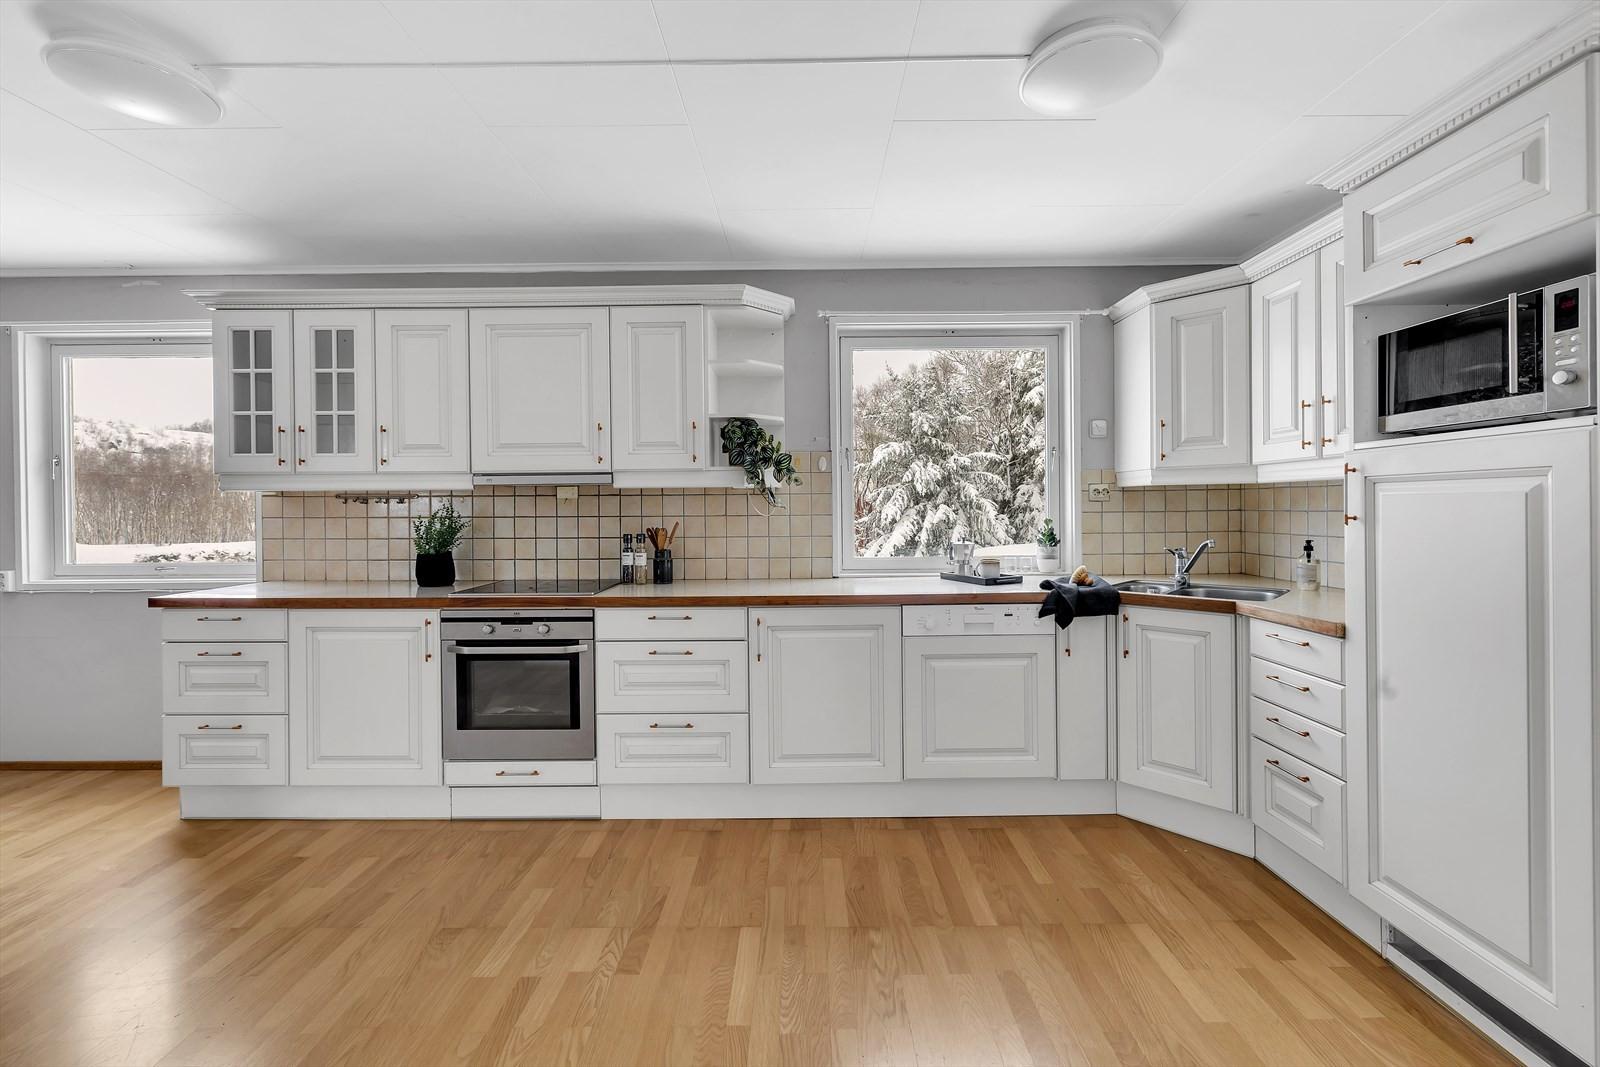 Stort kjøkken med masse lagringsplass